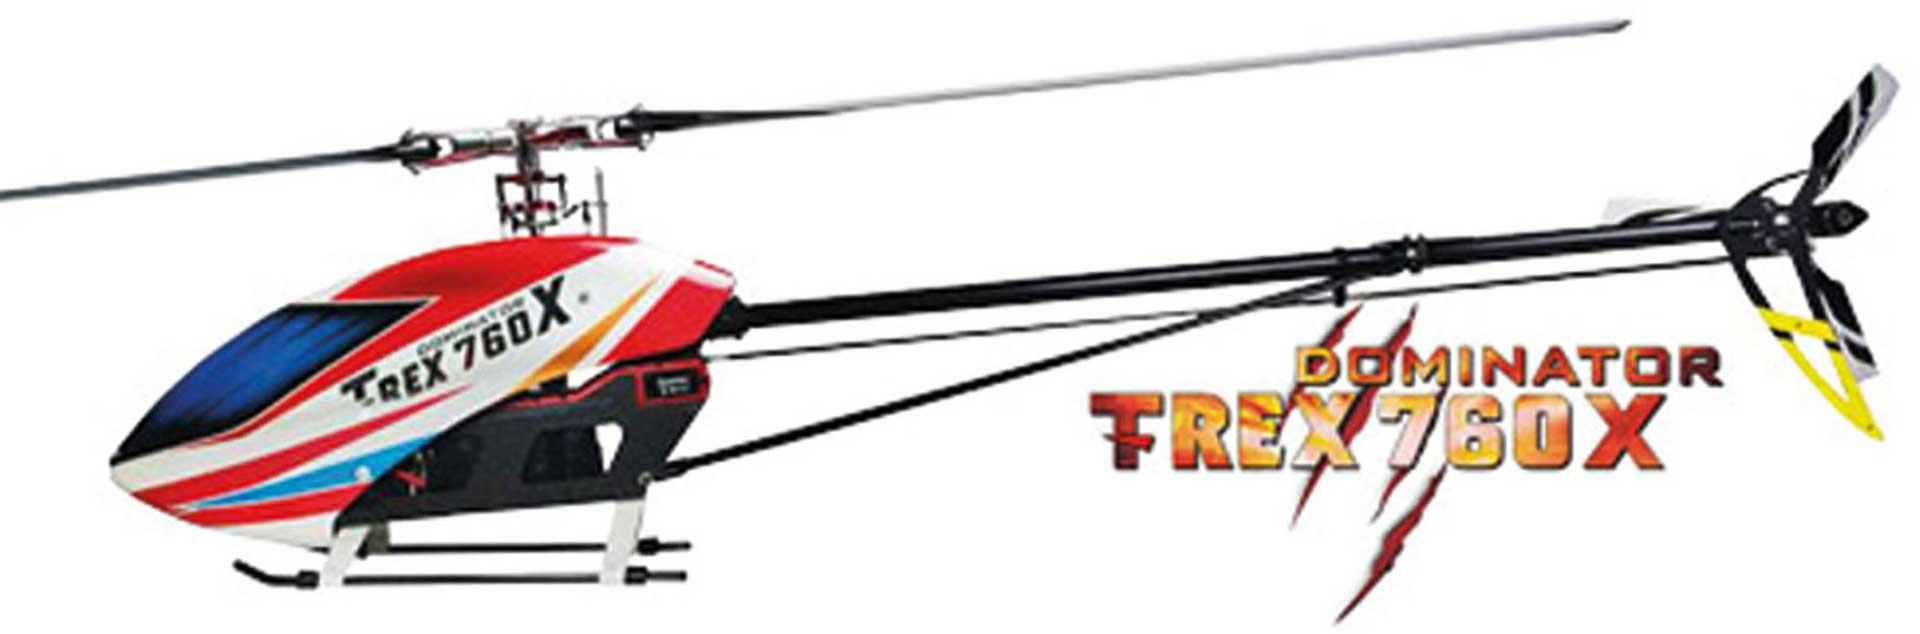 ALIGN T-REX 760X 3D DOMINATOR TOP SUPER COMBO Hubschrauber / Helikopter